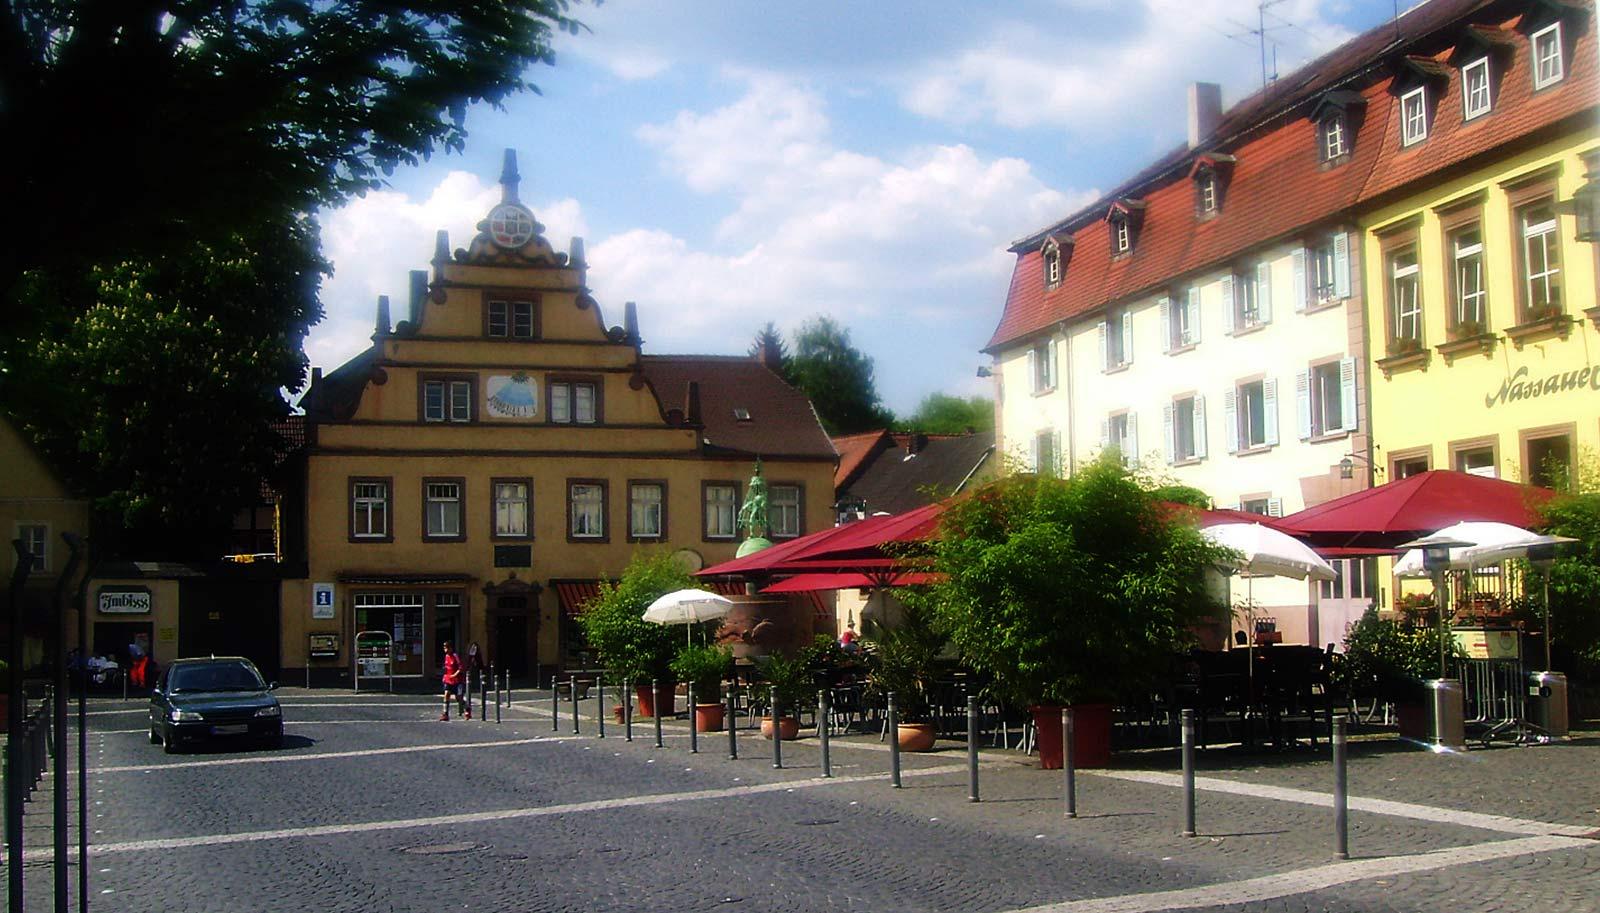 Ottweiler Innenstadt